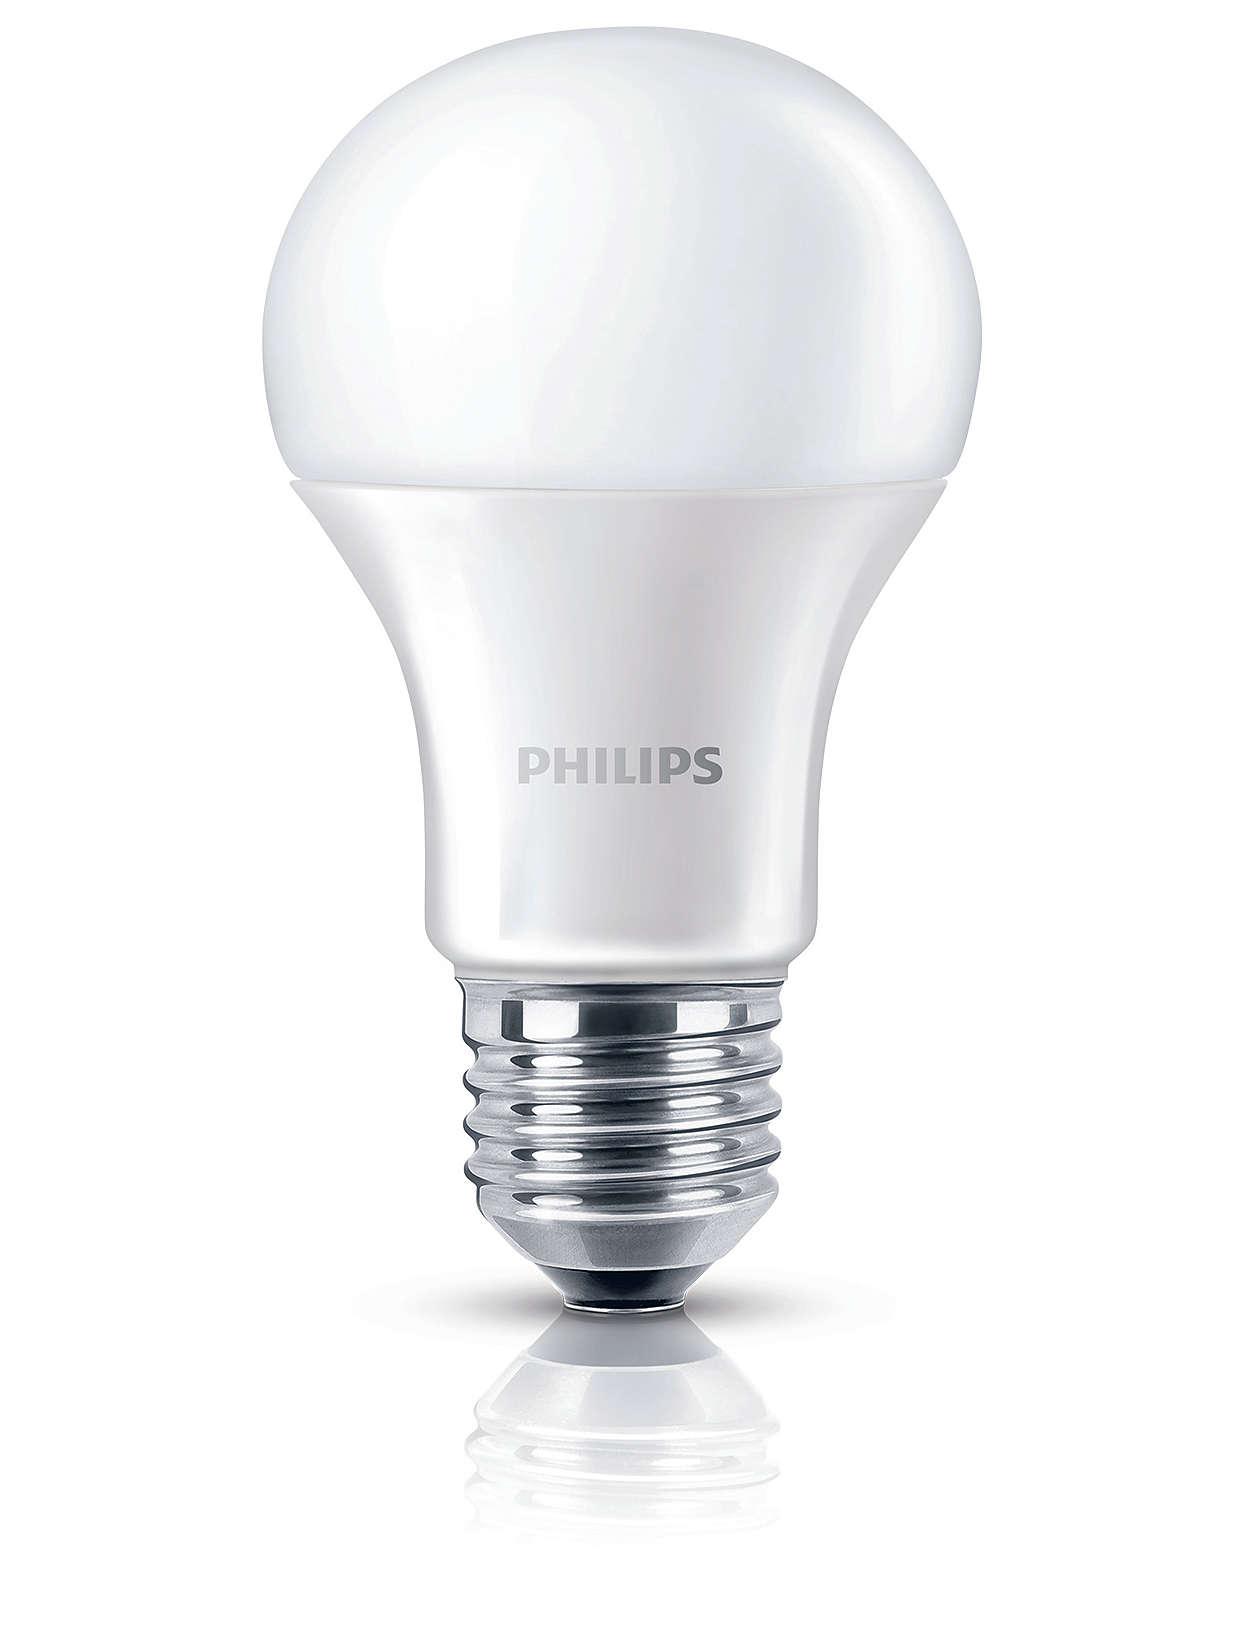 Lumină albă caldă, calitate a luminii fără compromis